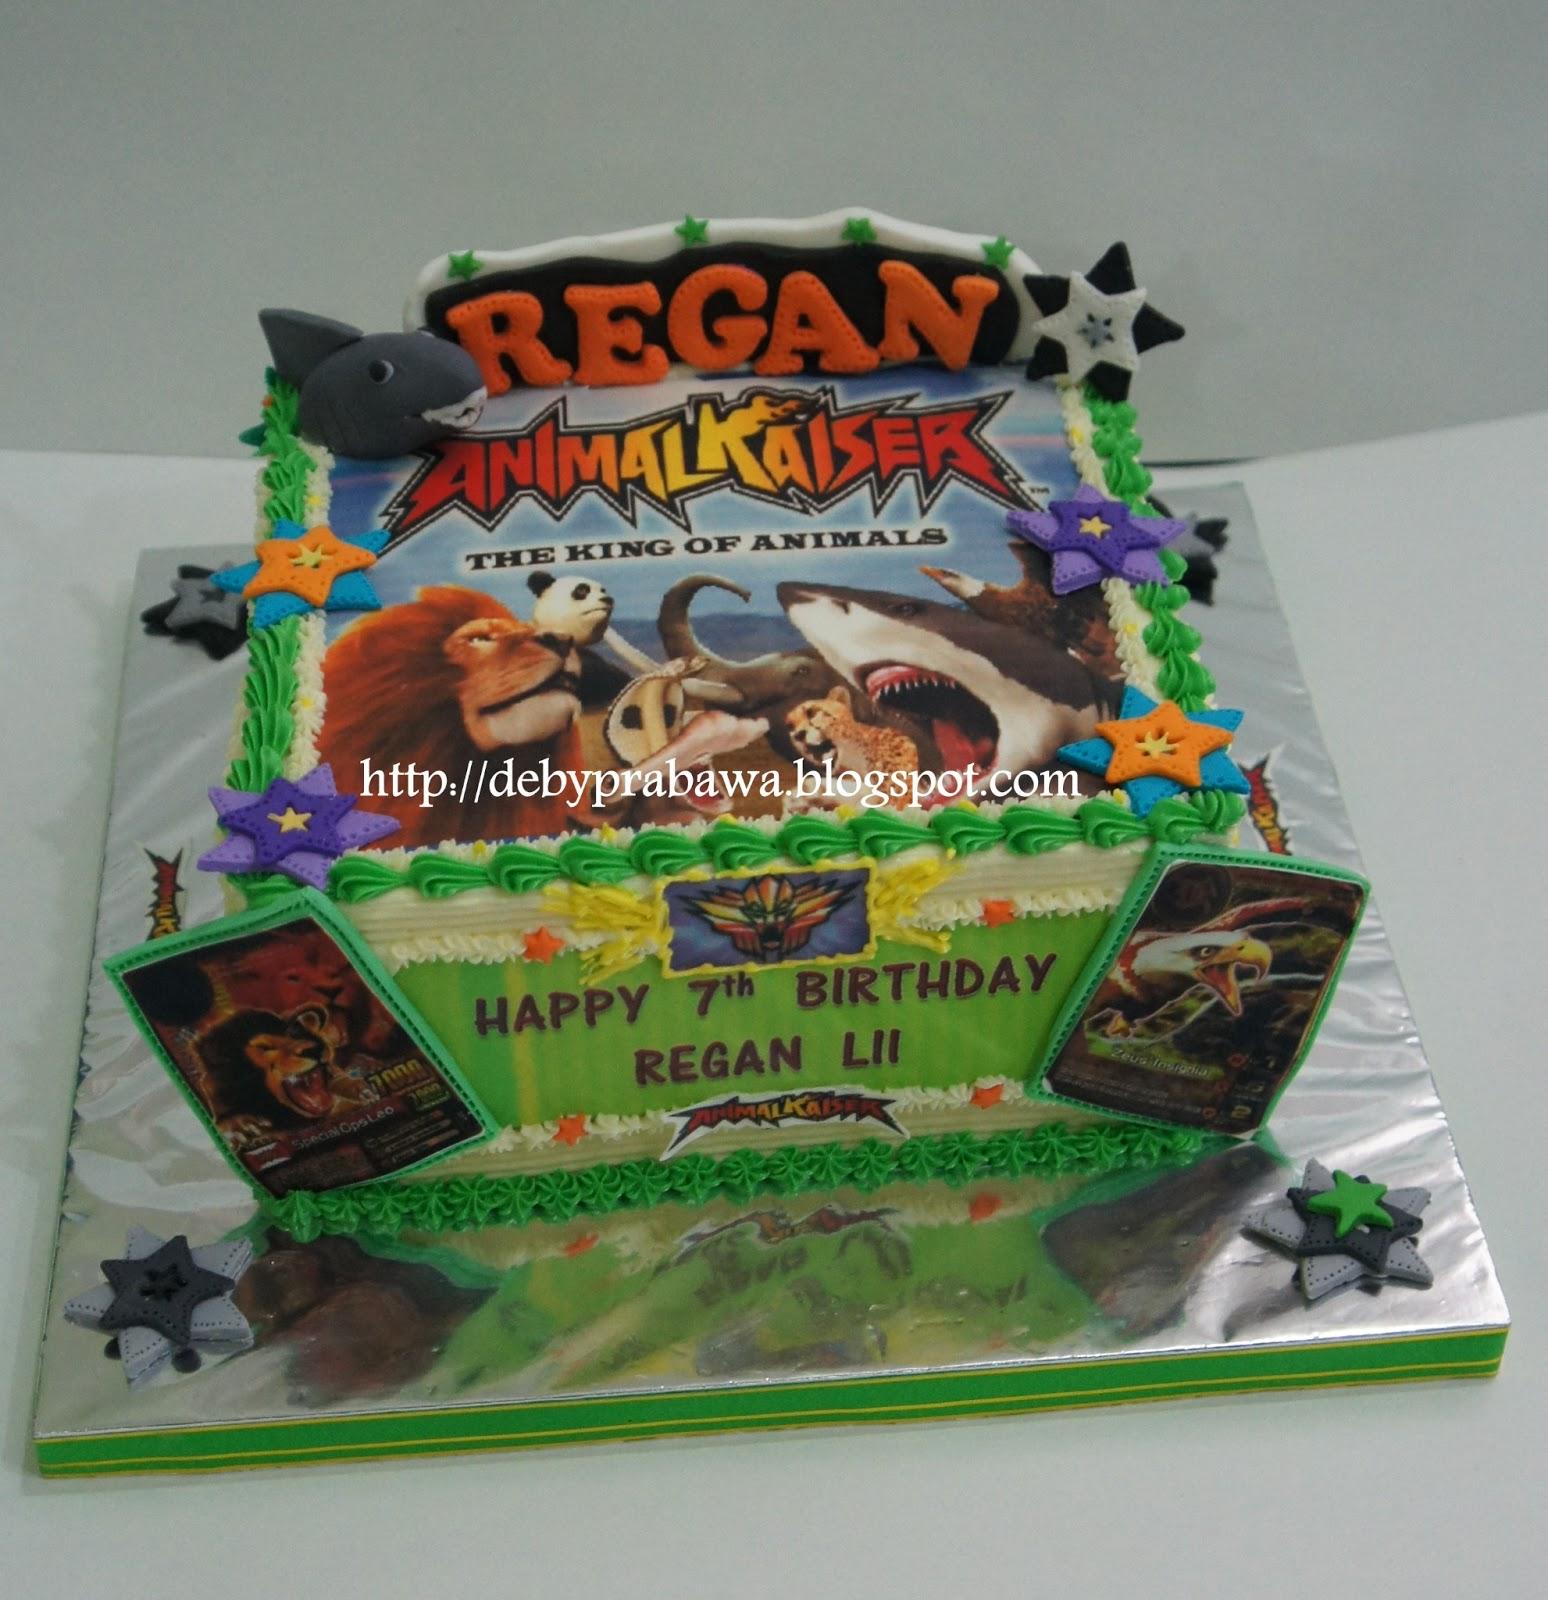 Butterfly Cake Animal Kaiser Cake for Regan